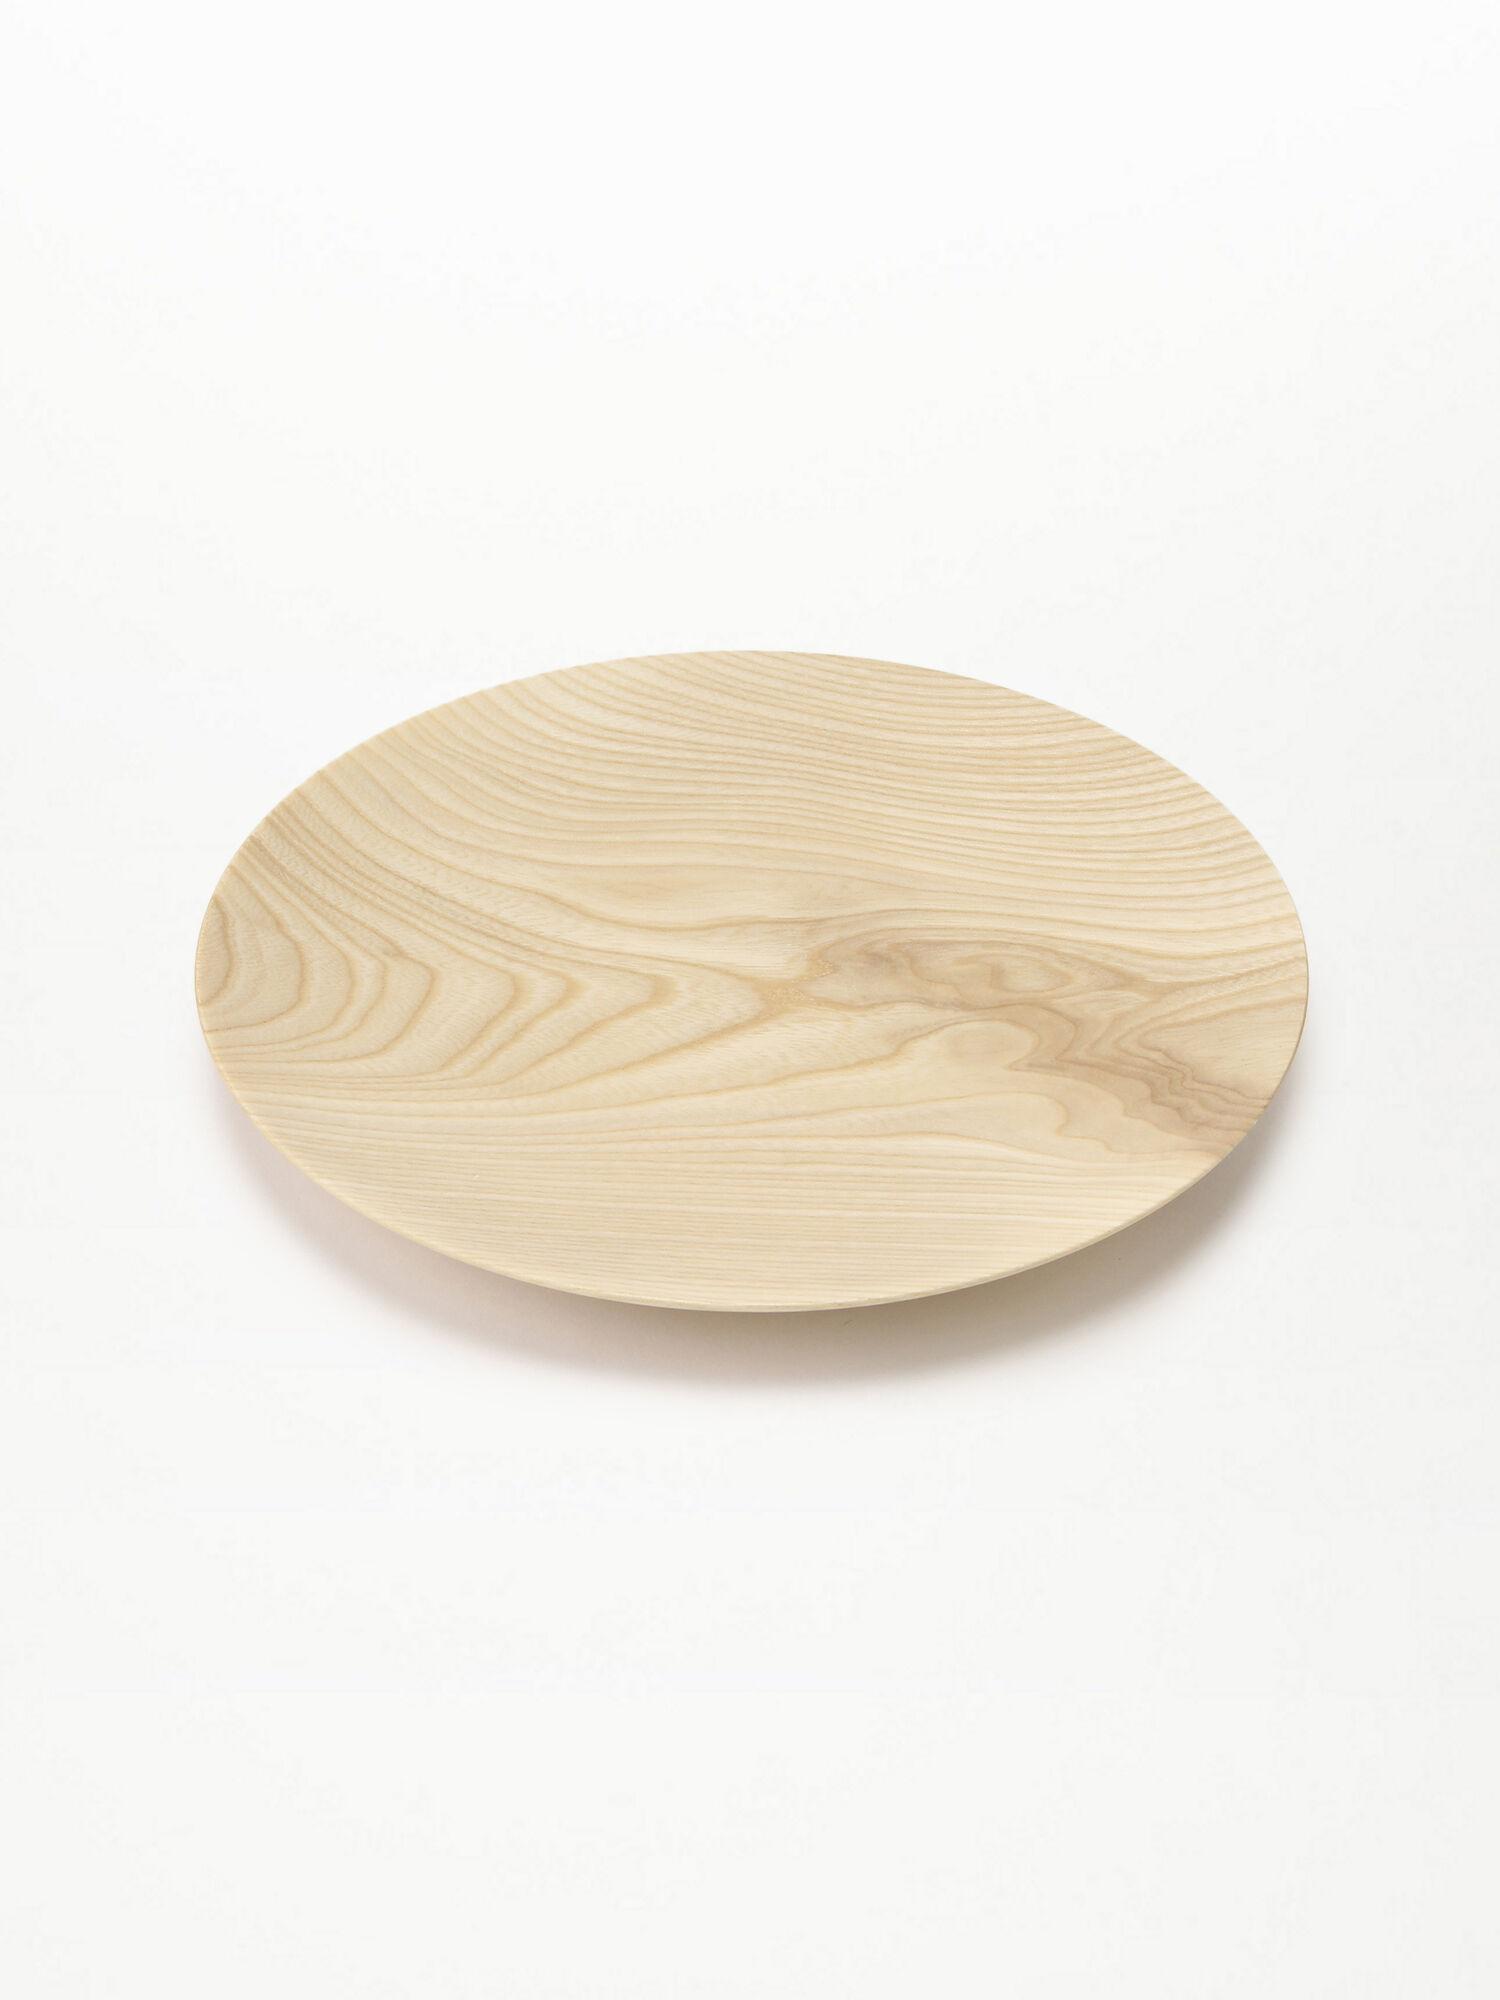 セン平皿21